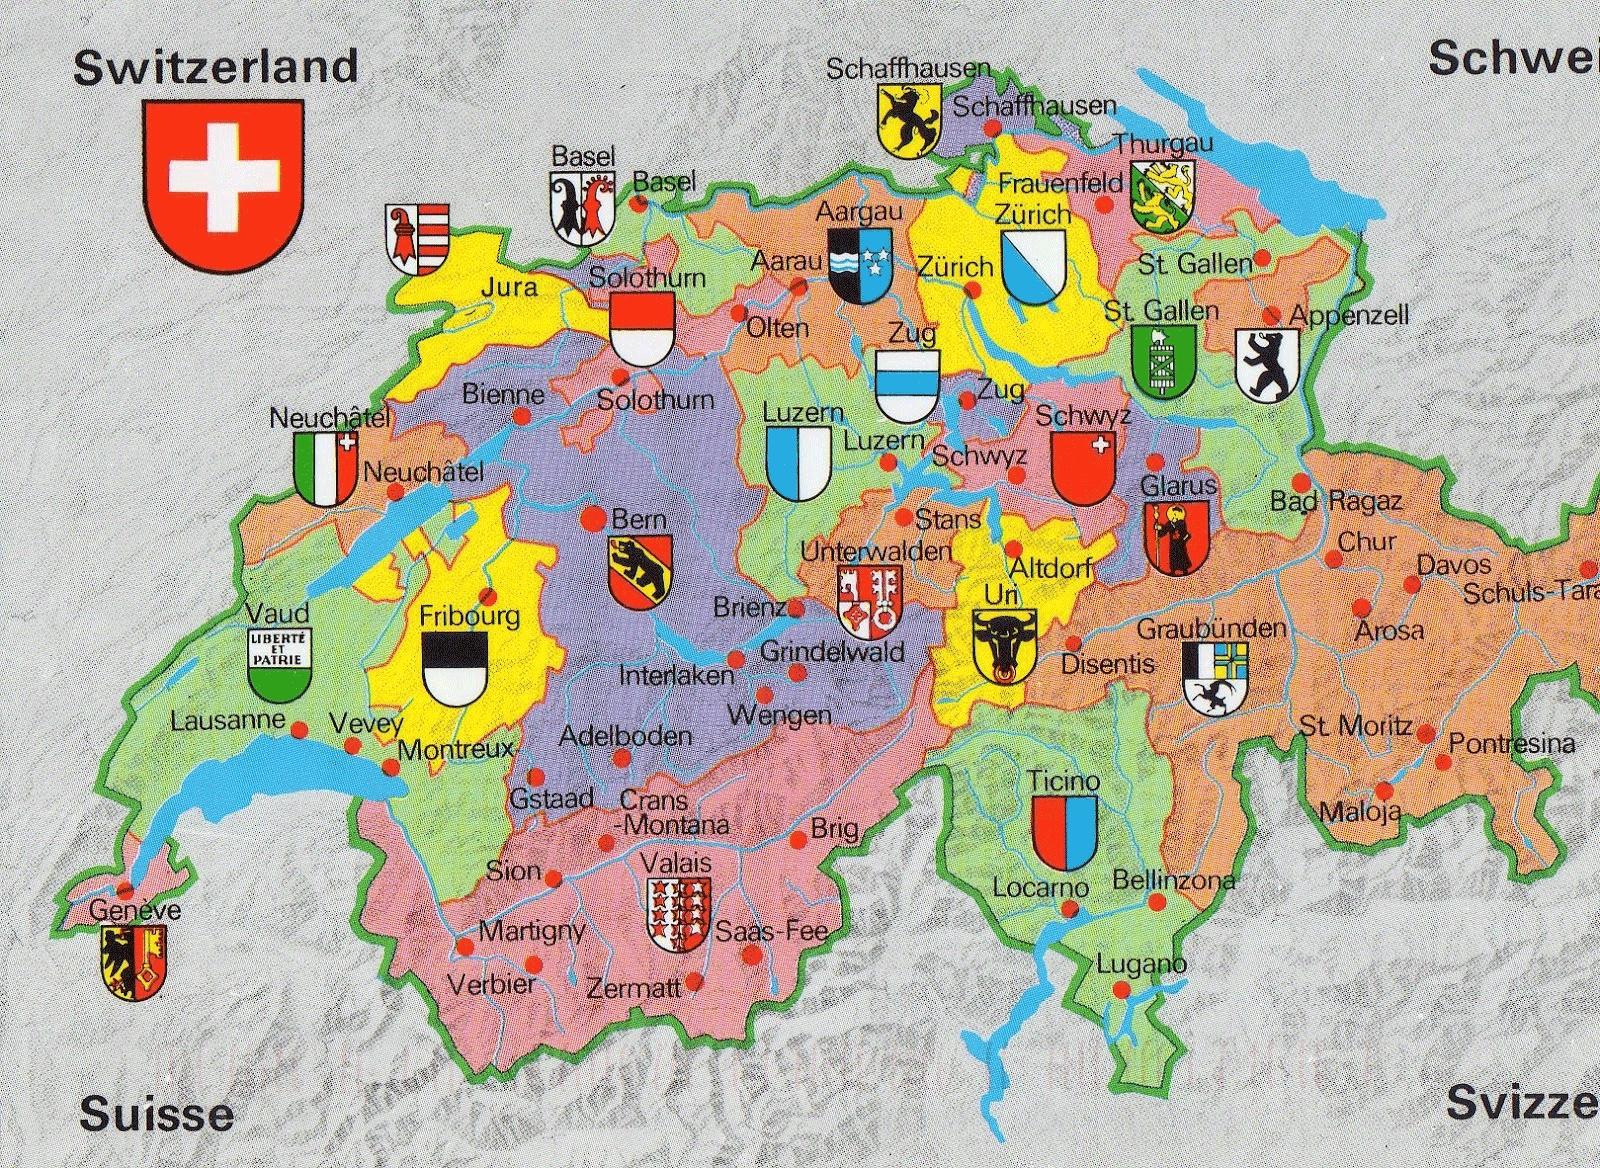 Швейцария: стать собственником и резидентом